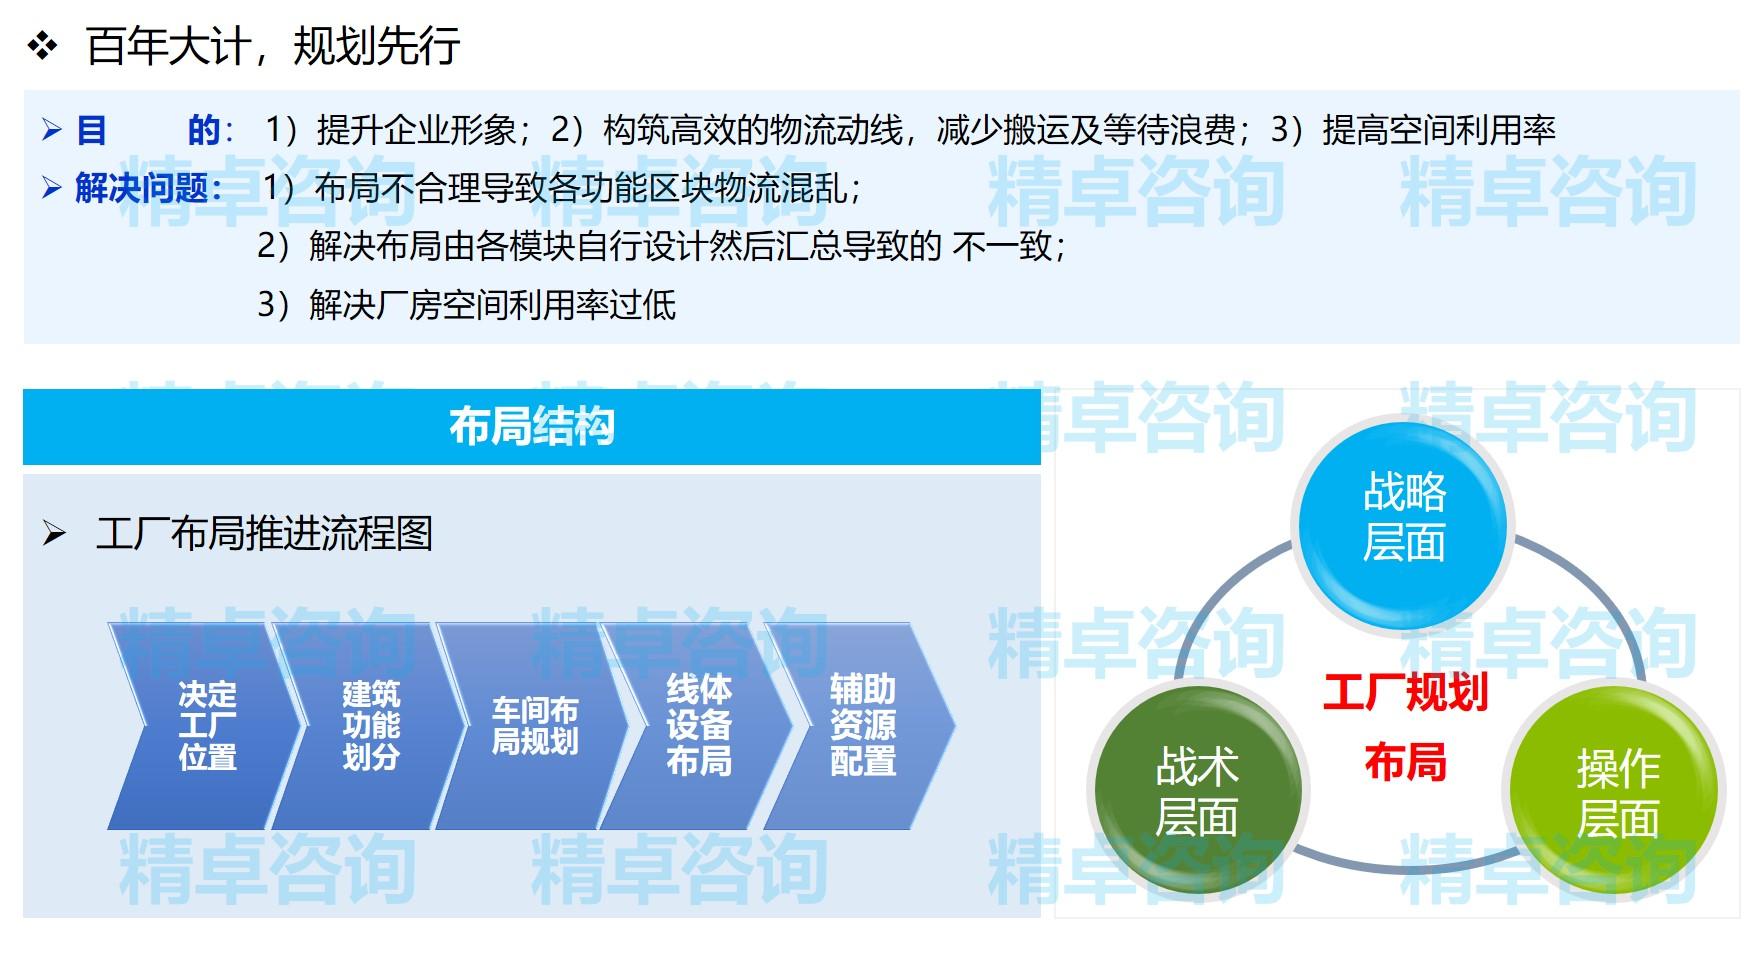 工厂规划架构.jpg